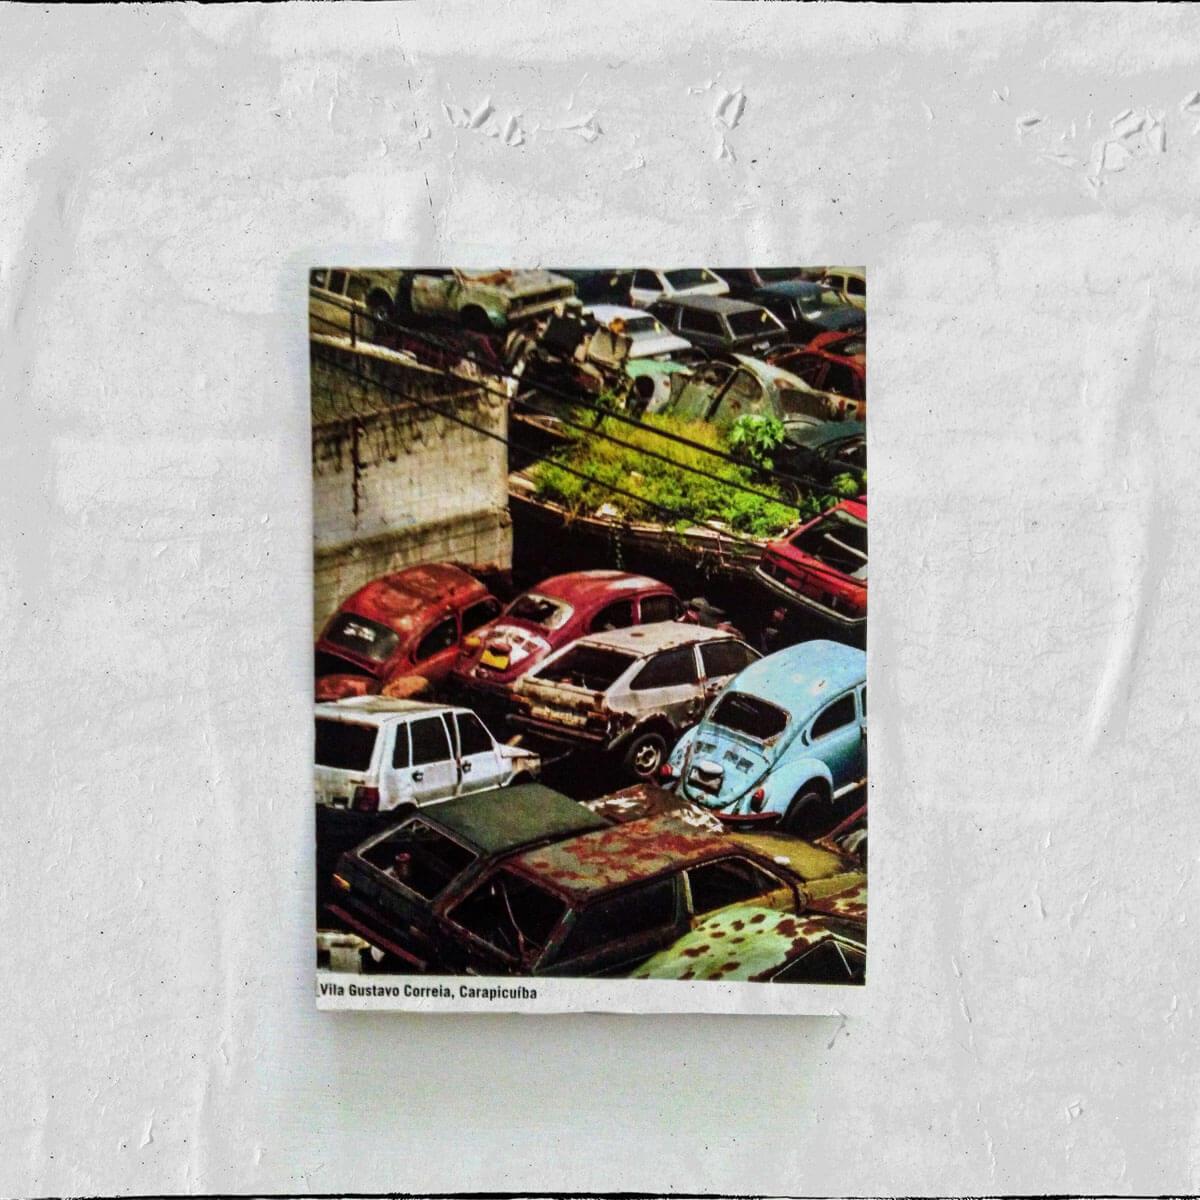 Cartões 18 de janeiro, Colagem — ColetivoPolvora Folha Piauí 18 de janeiro1